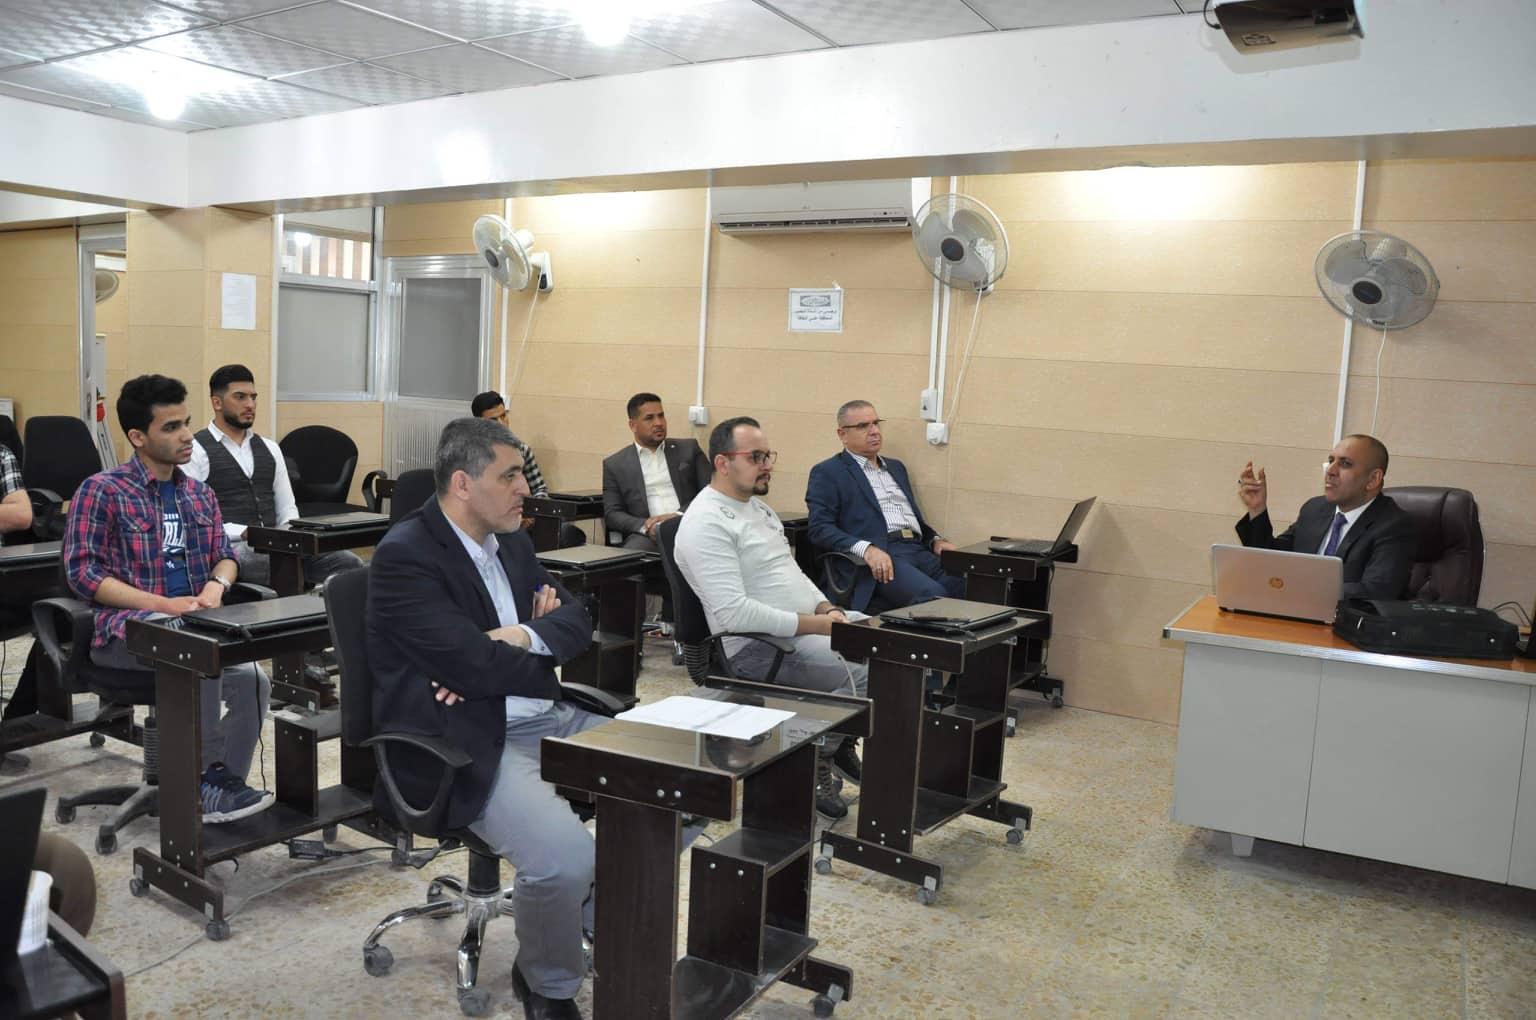 كلية الهندسة تعقد دورة علمية حول الفحوصات الميكانيكية للمواد البوليميرية ( المطاطية )